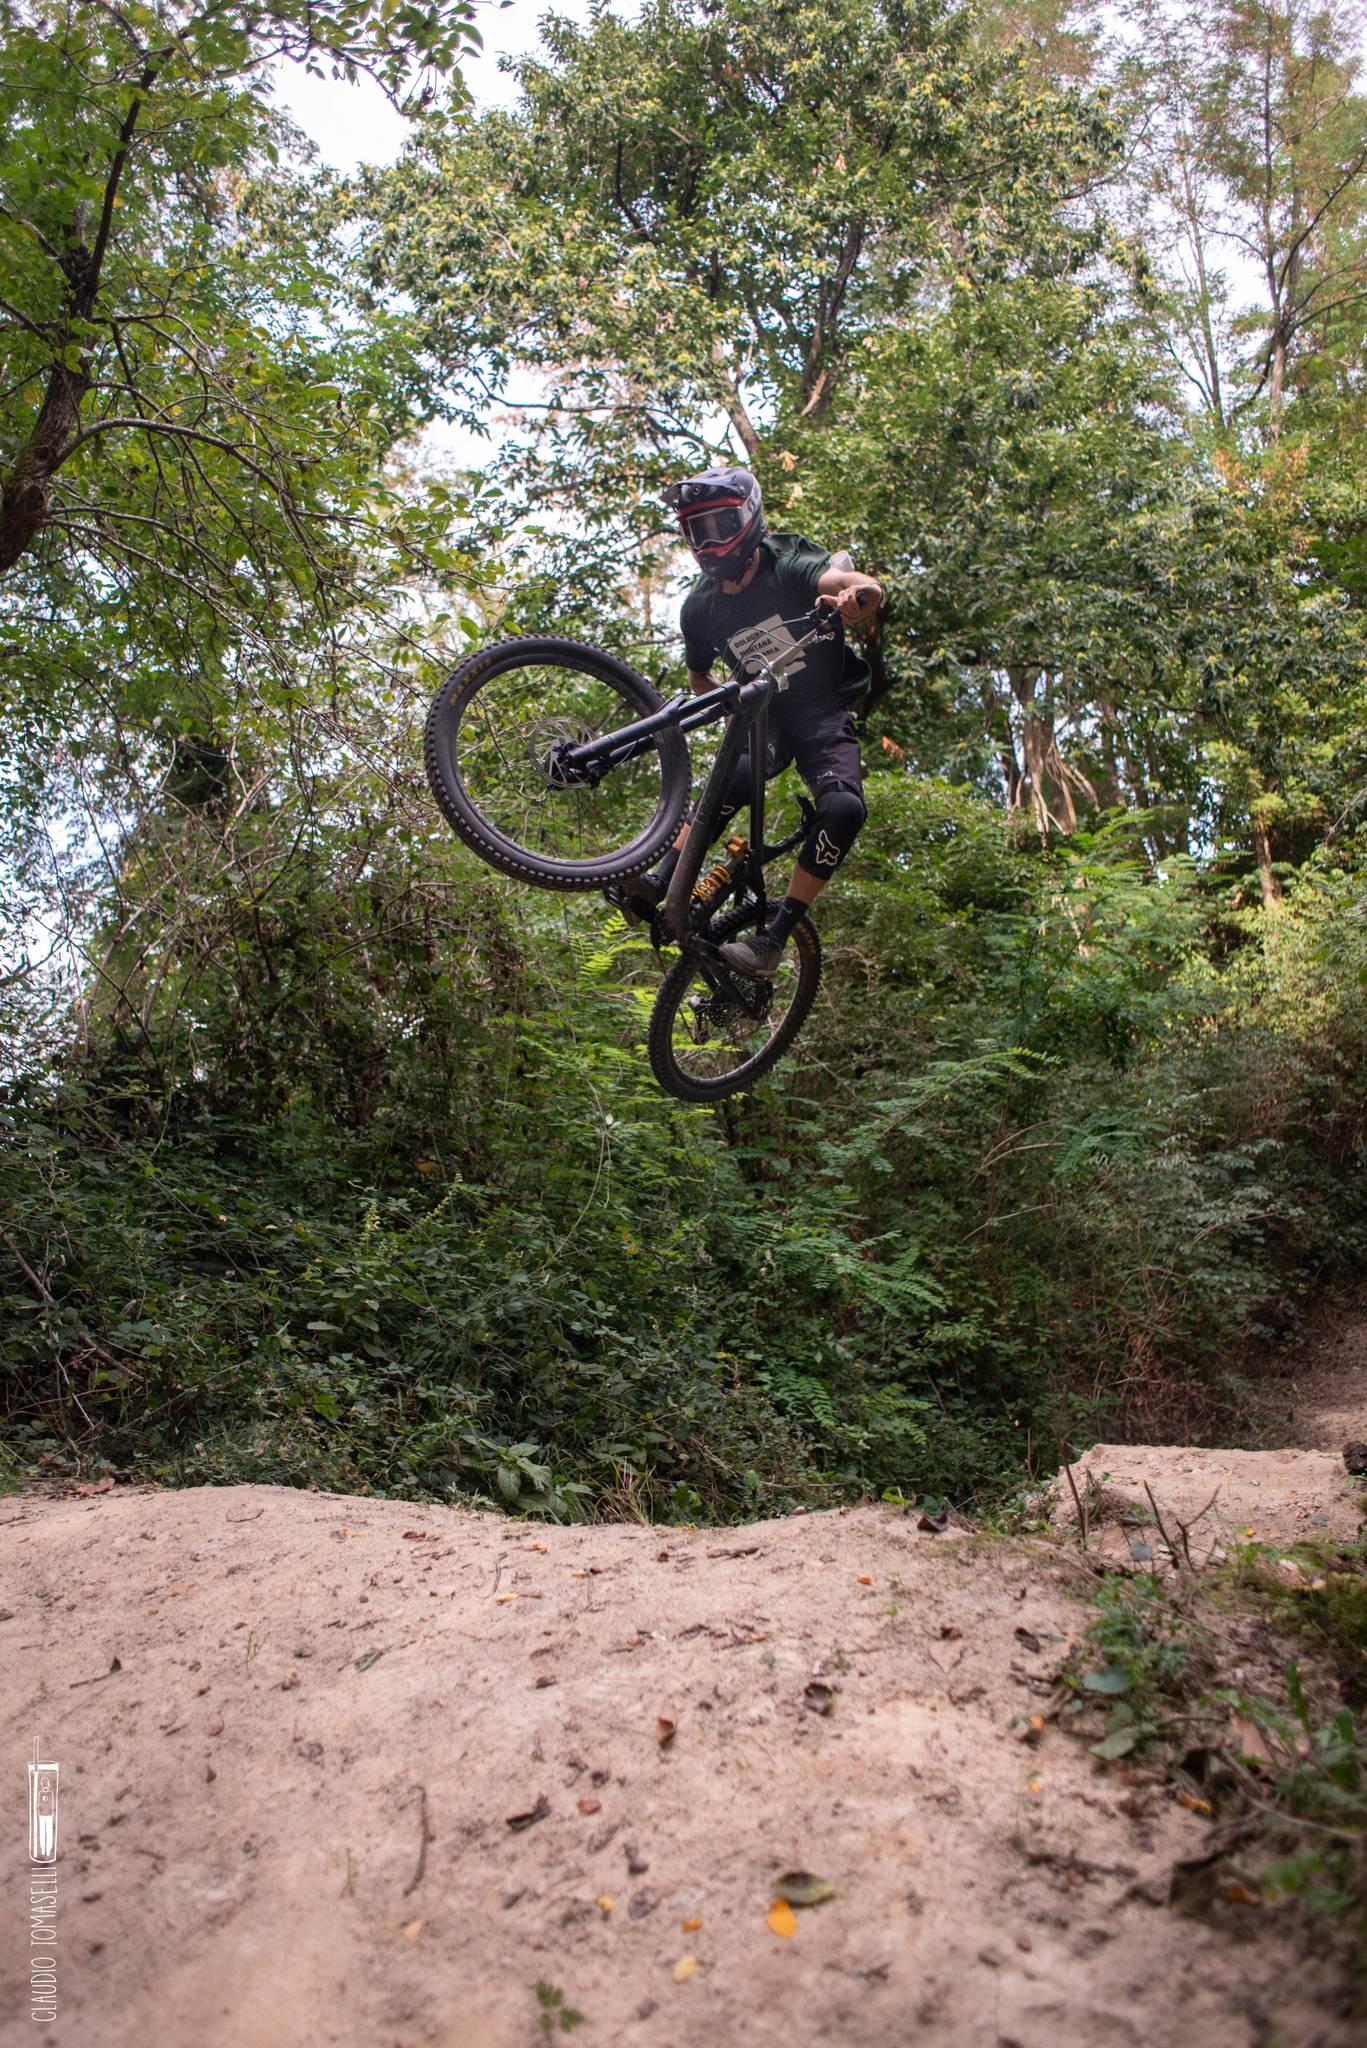 Un trail tecnico, con distese infinite di radici e salti veramente grossi! Questo trail è consigliato a rider con molta esperienza.